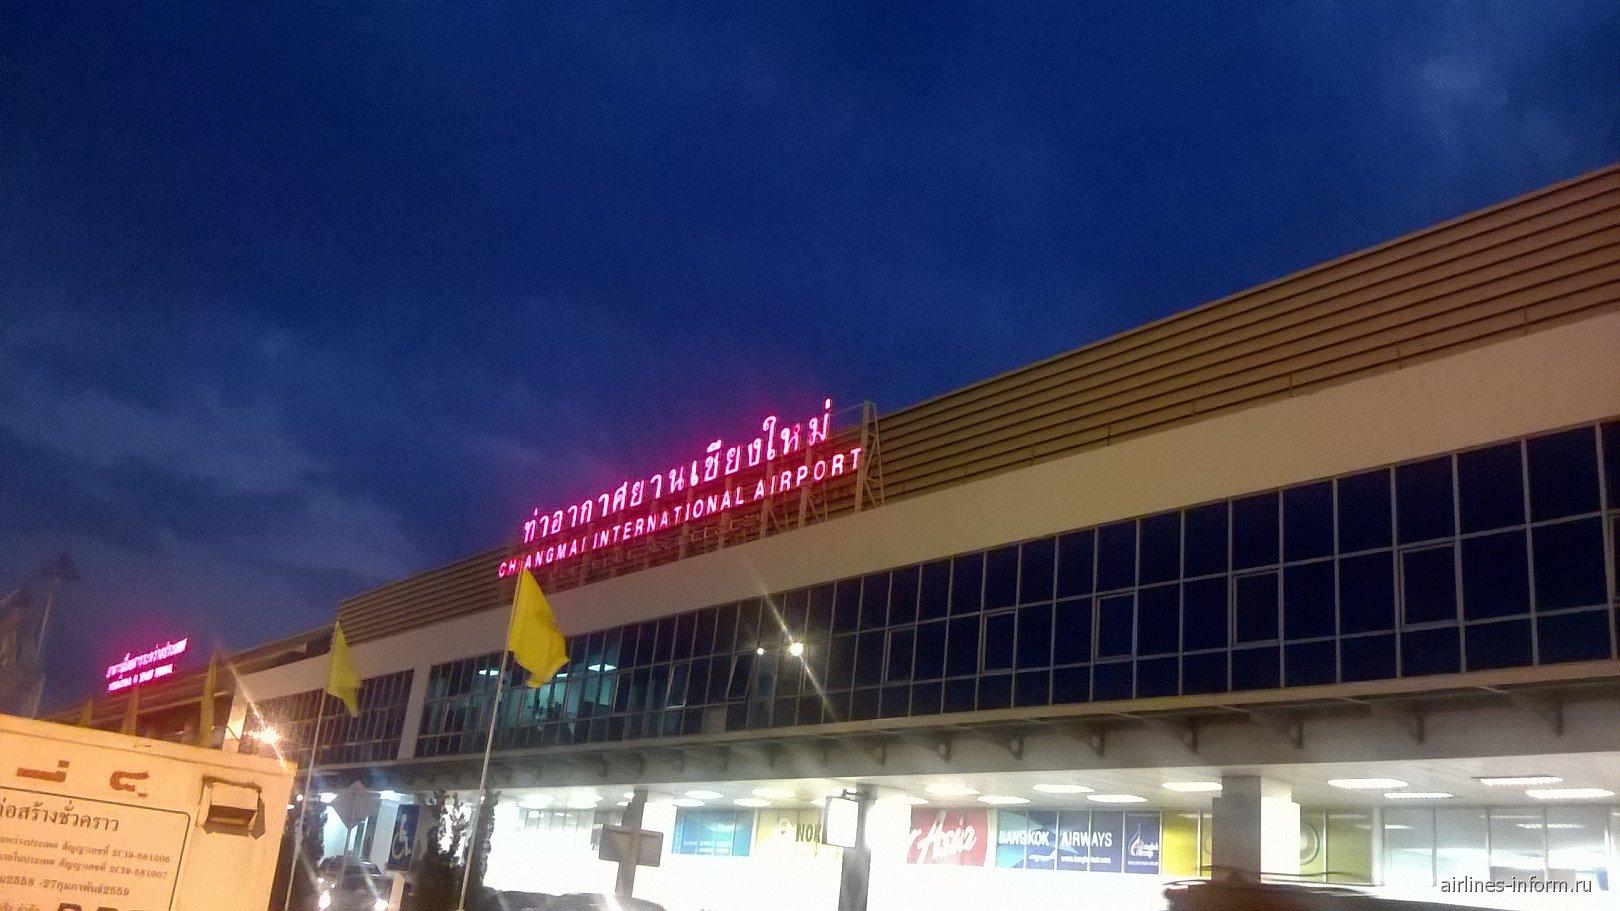 Международный терминал аэропорта Чиангмай